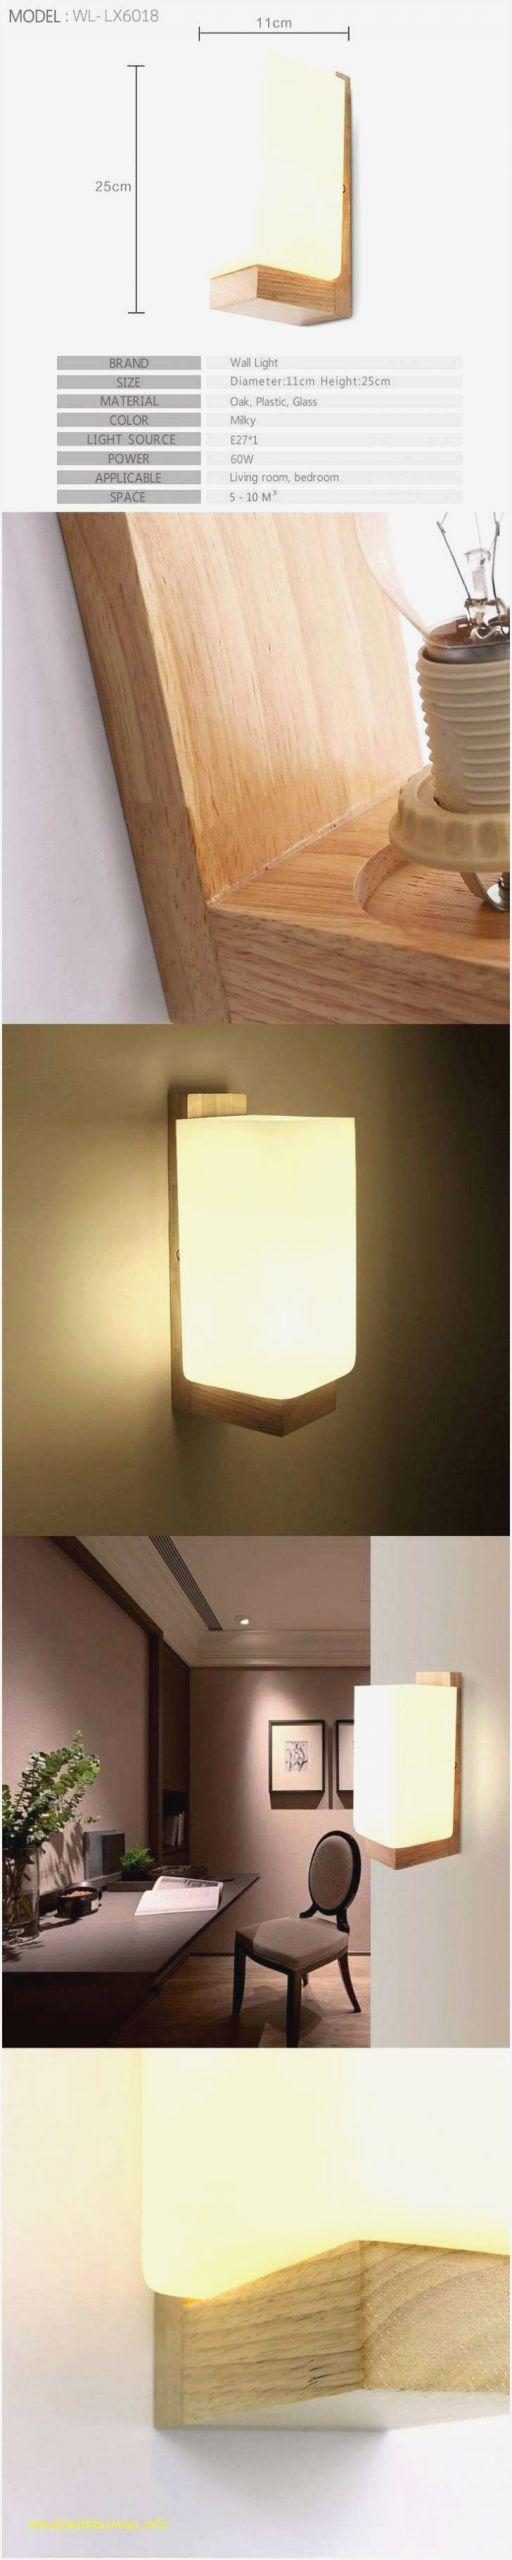 Full Size of Wohnzimmer Deckenlampen Modern Deckenleuchte Dimmbar Deckenlampe Mit Fernbedienung Led Deckenleuchten Hängeschrank Teppiche Bilder Vorhänge Lampe Tapete Wohnzimmer Wohnzimmer Deckenlampe